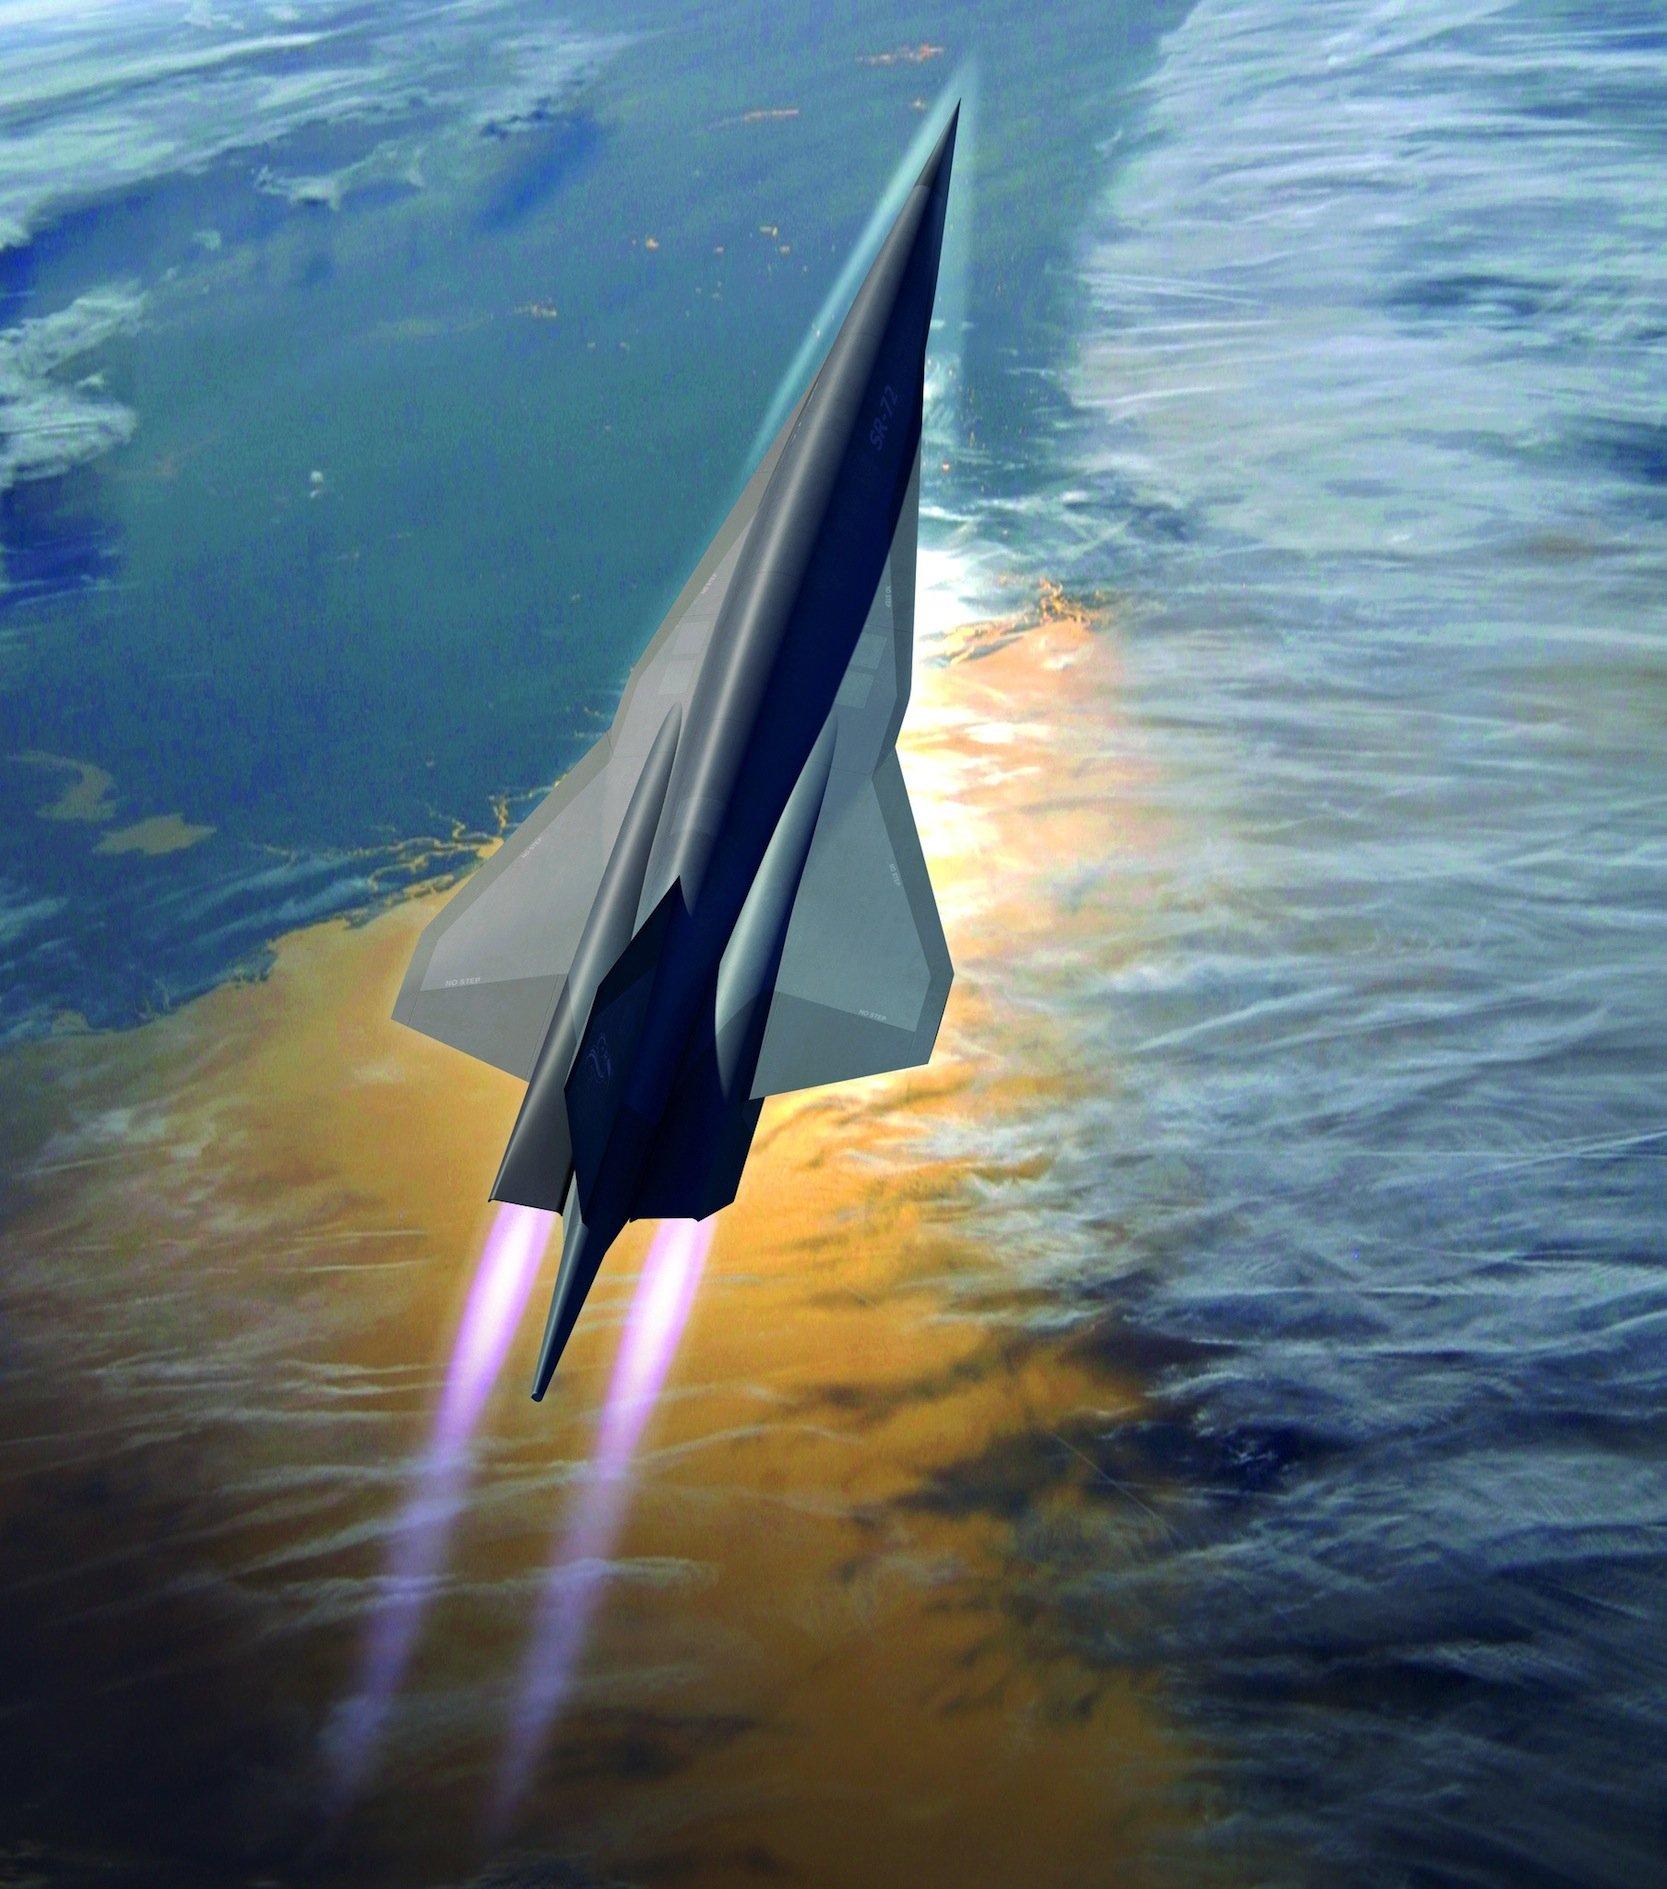 Der SR-72 soll zunächst mit herkömmlichen Jet-Triebwerken starten und später mitso genannte Ramjets auf sechsfache Schallgeschwindigkeit beschleunigen.